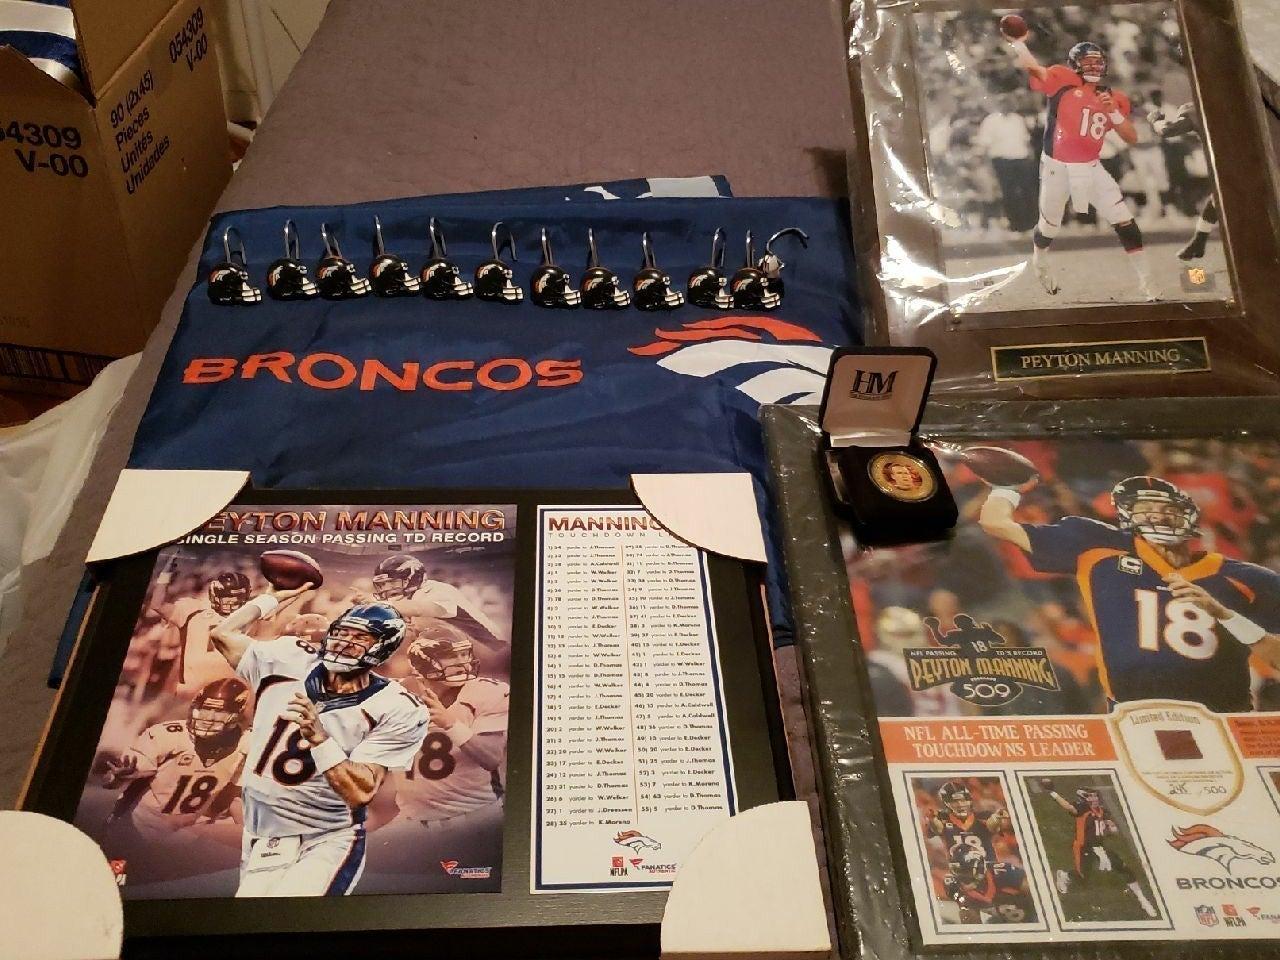 Bundle Peton Manning,Broncos collection